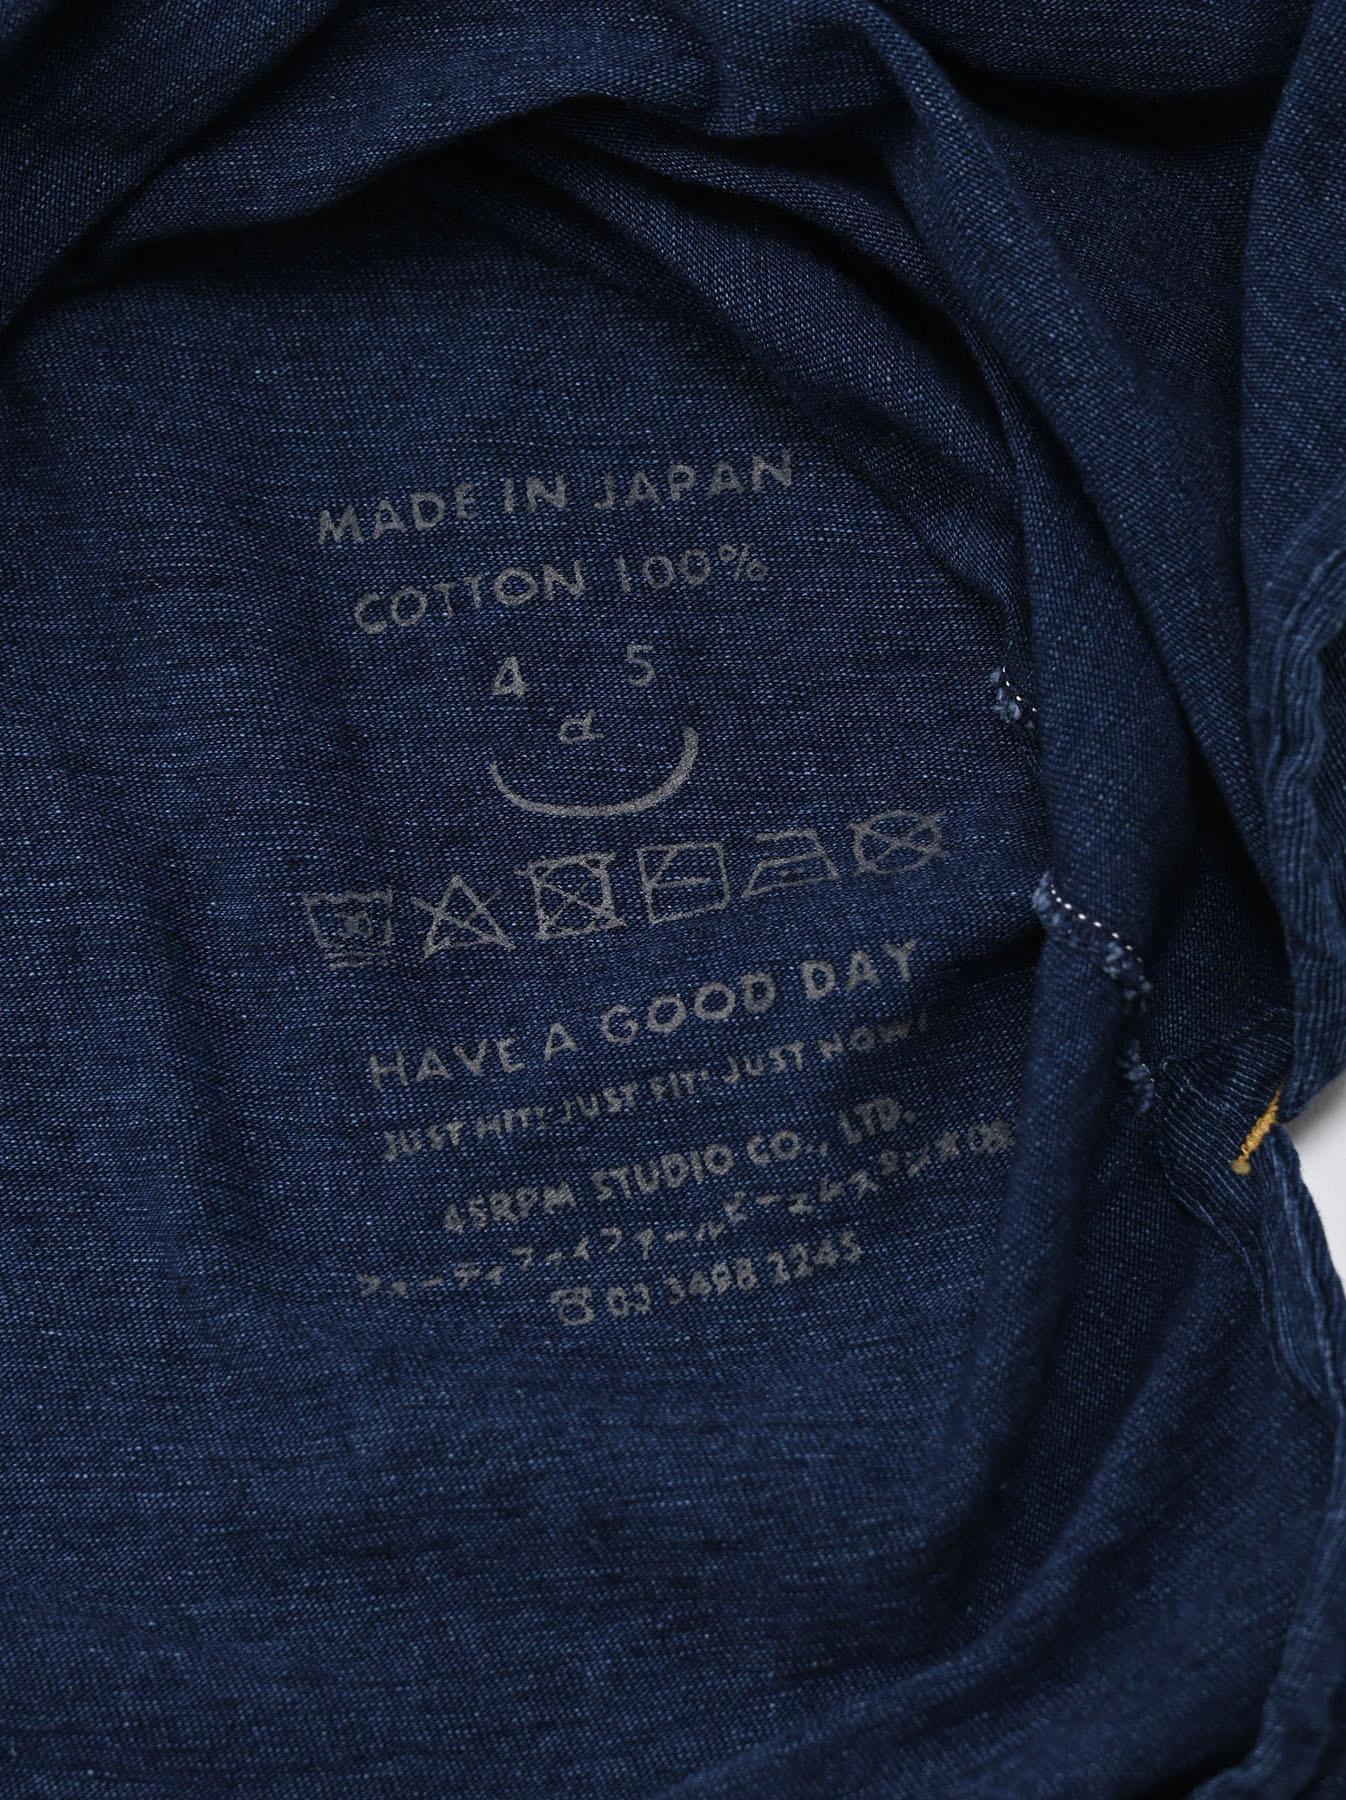 Indigo Zyu Zimbabwe Cotton Big Slit T-shirt (0721)-11